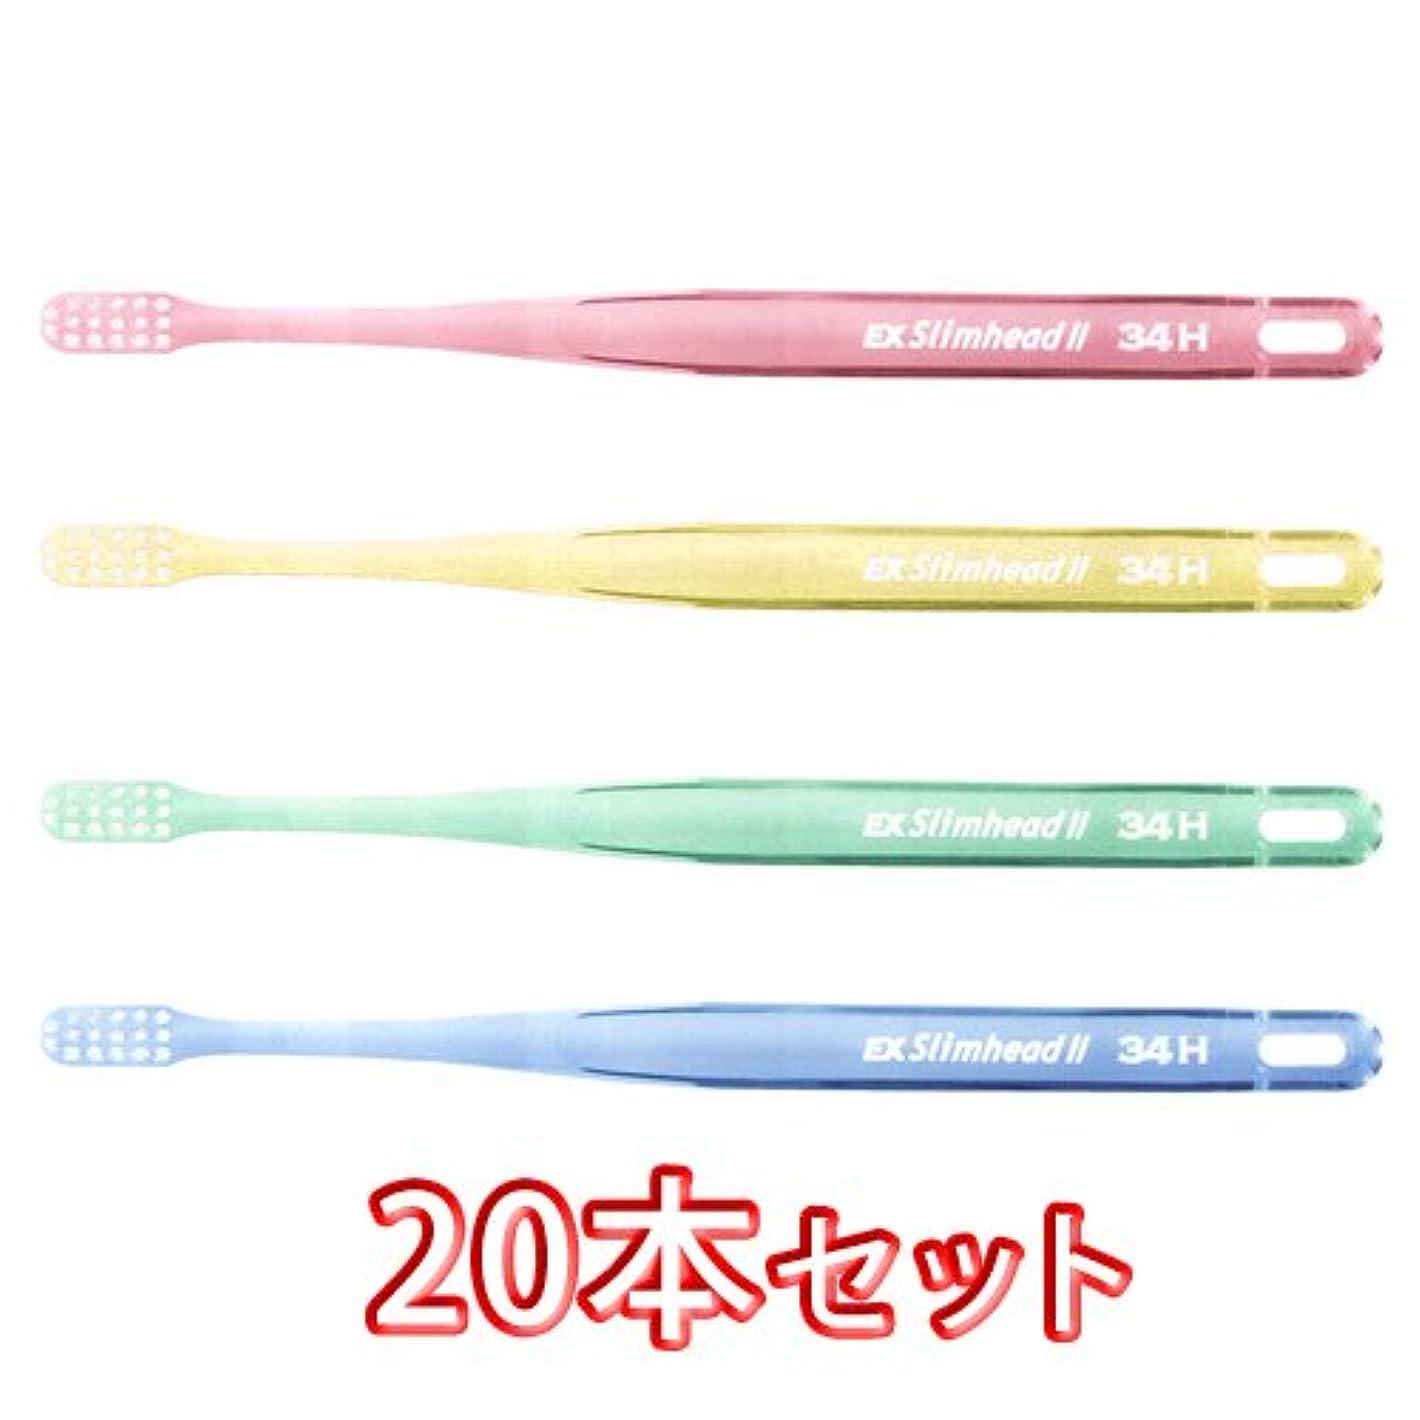 省略する可能にする刺しますライオン スリムヘッド2 歯ブラシ DENT . EX Slimhead2 20本入 (34H)